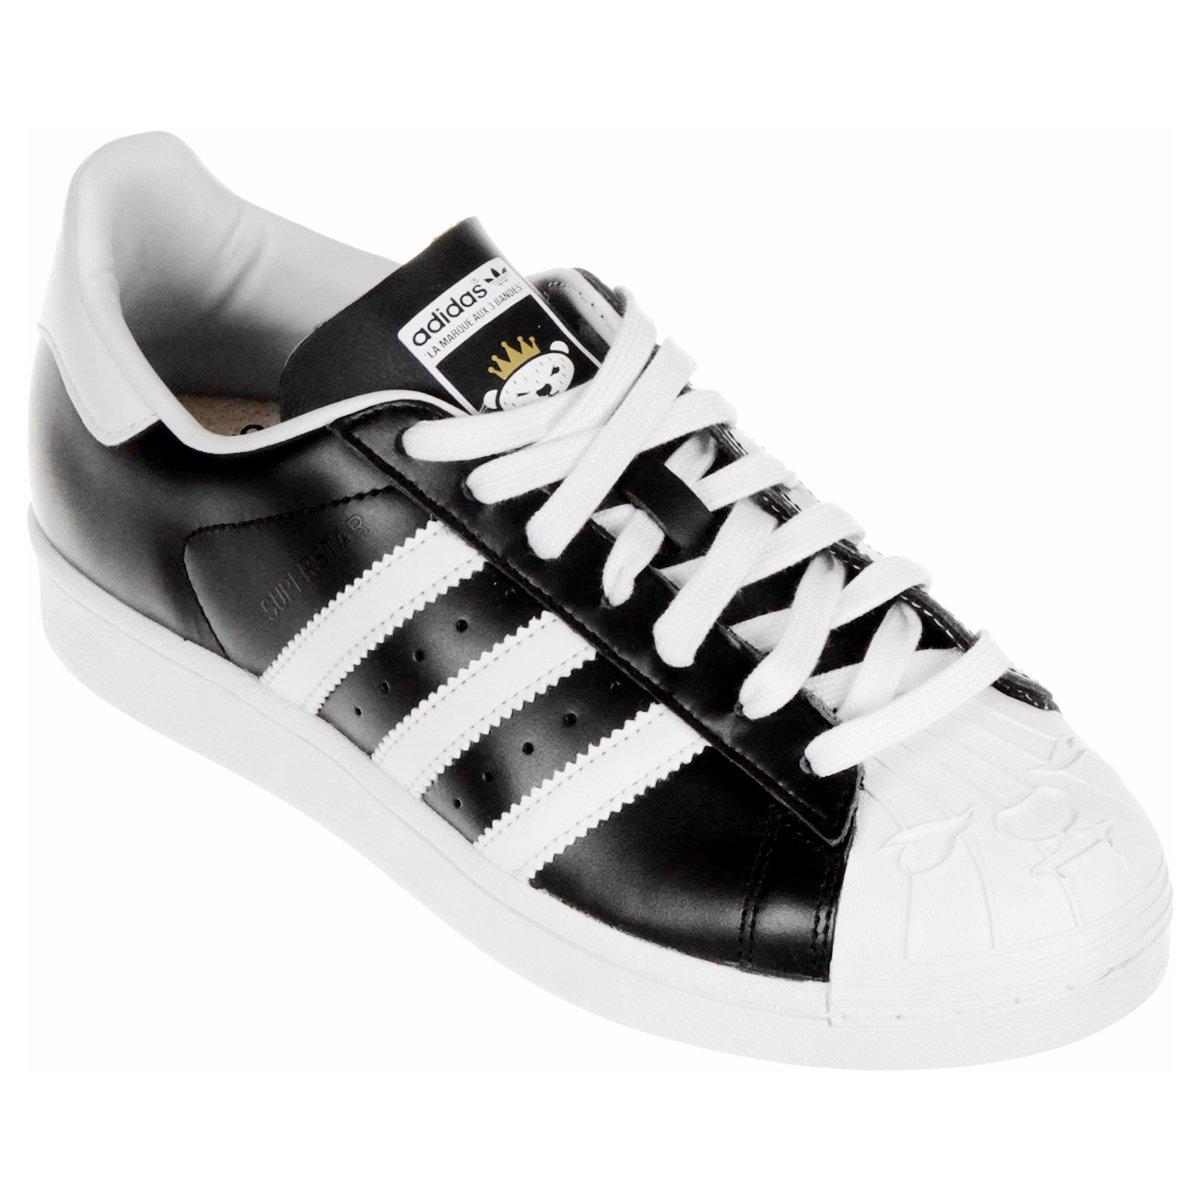 8783d6ef0f Tênis Adidas Superstar Nigo - Compre Agora